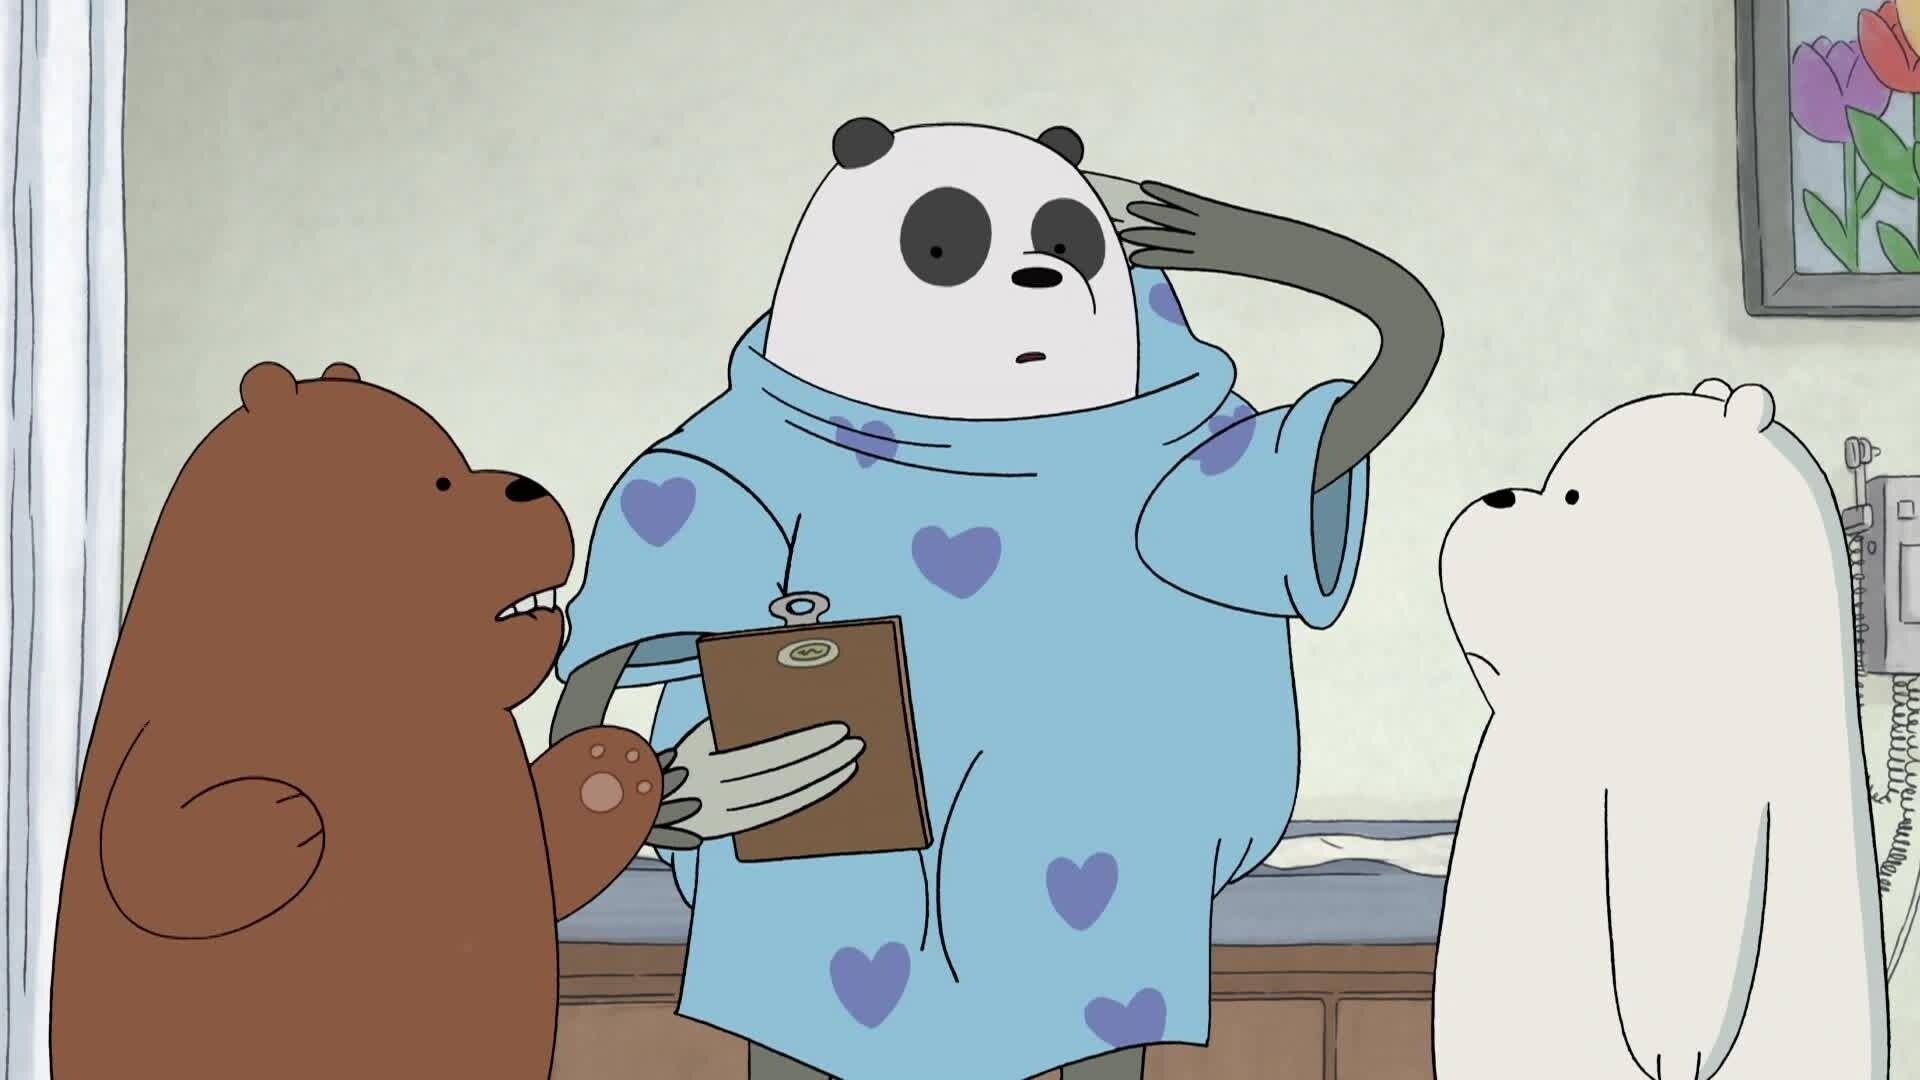 We Bare Bears - Bären wie wir - Wir und die Notaufnahme / Wir und die Kaffeehöhle